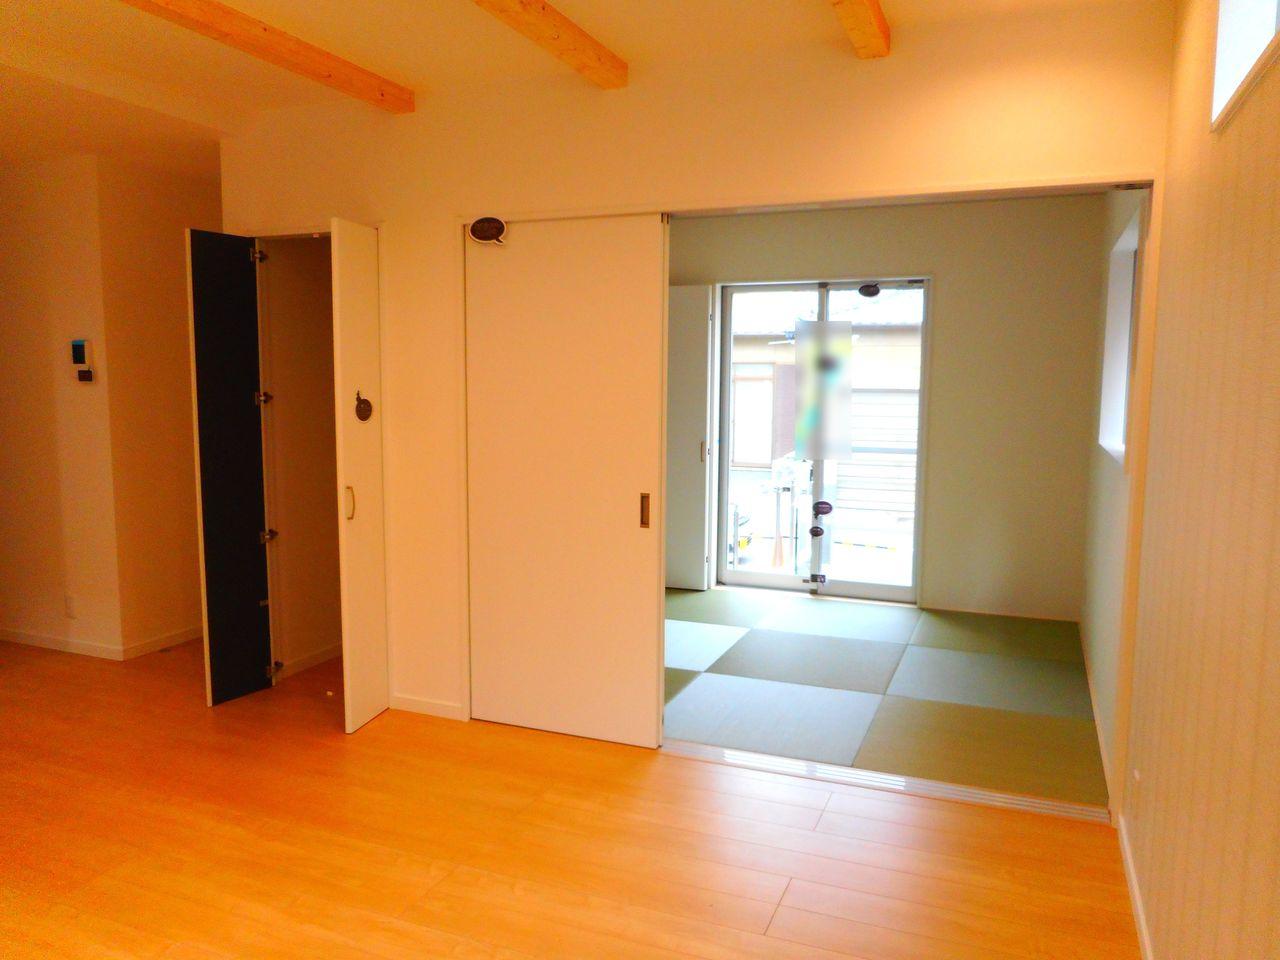 和室と合わせて21帖の大きな空間です。 お客様が大勢いらしても、ゆったりおくつろぎ頂けます。 収納スペースの中は稼働棚になっております。